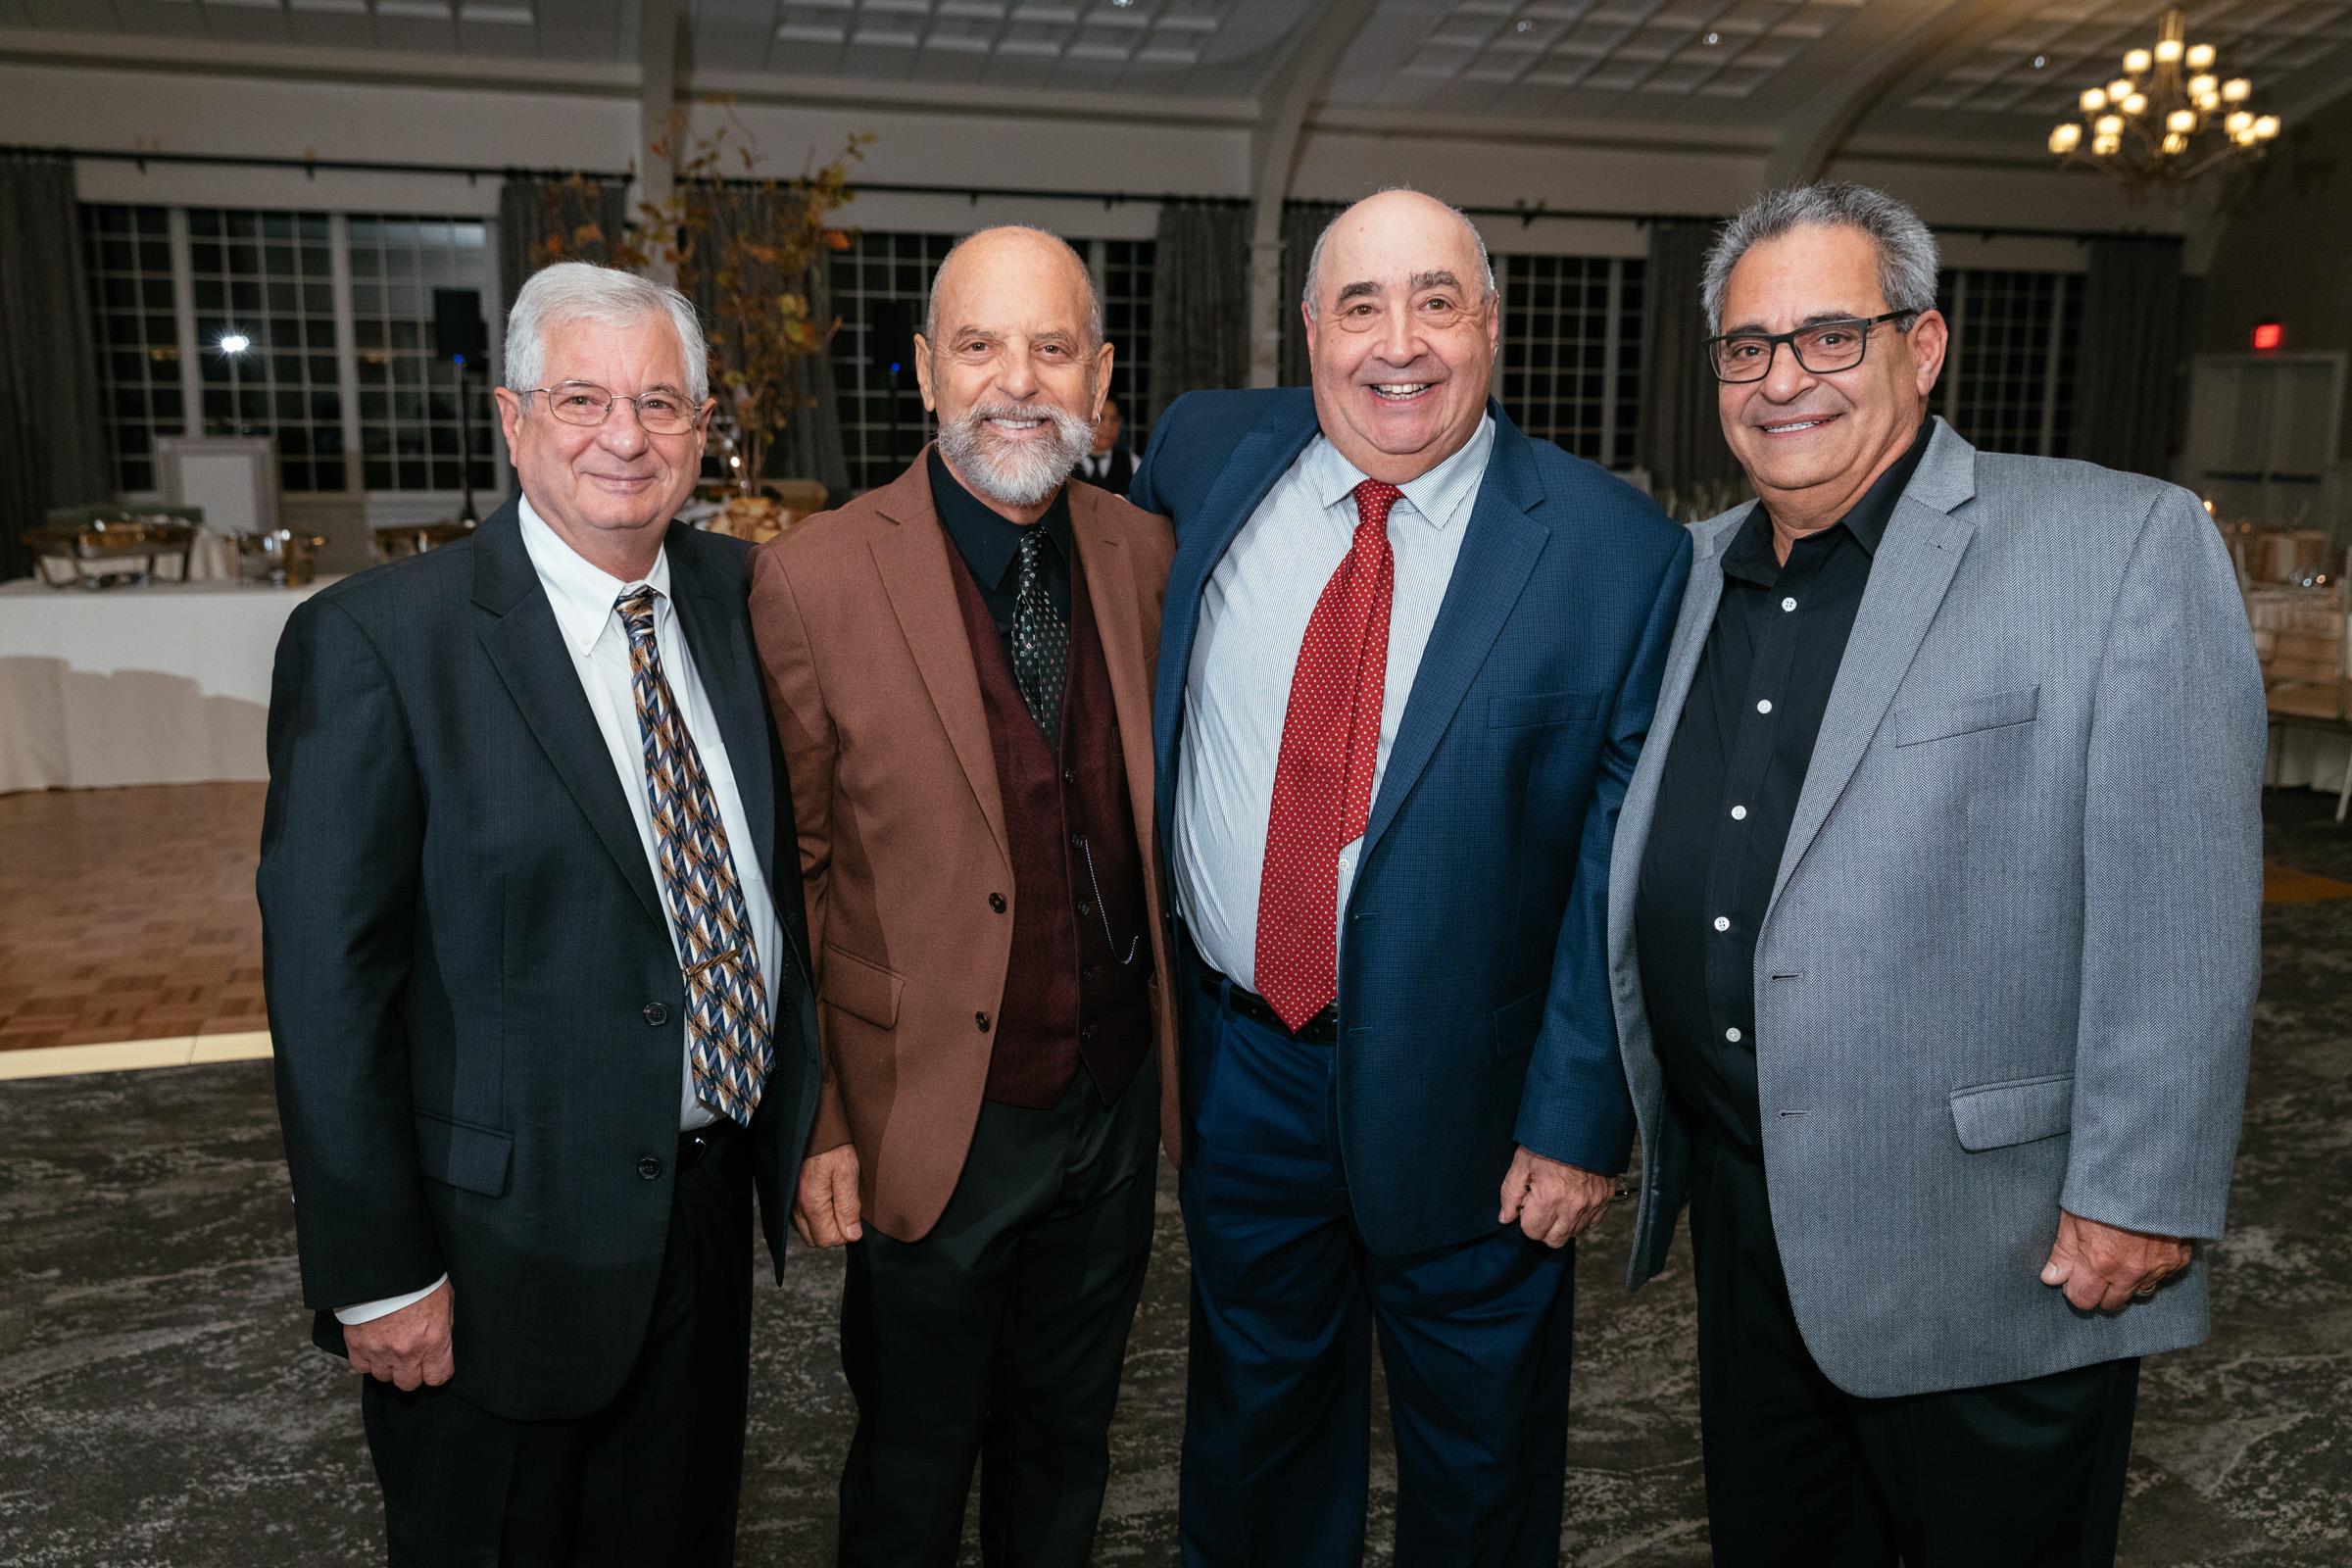 Chris Pavia, Peter Pavia, Tommy Moccia, Anthony Zezima